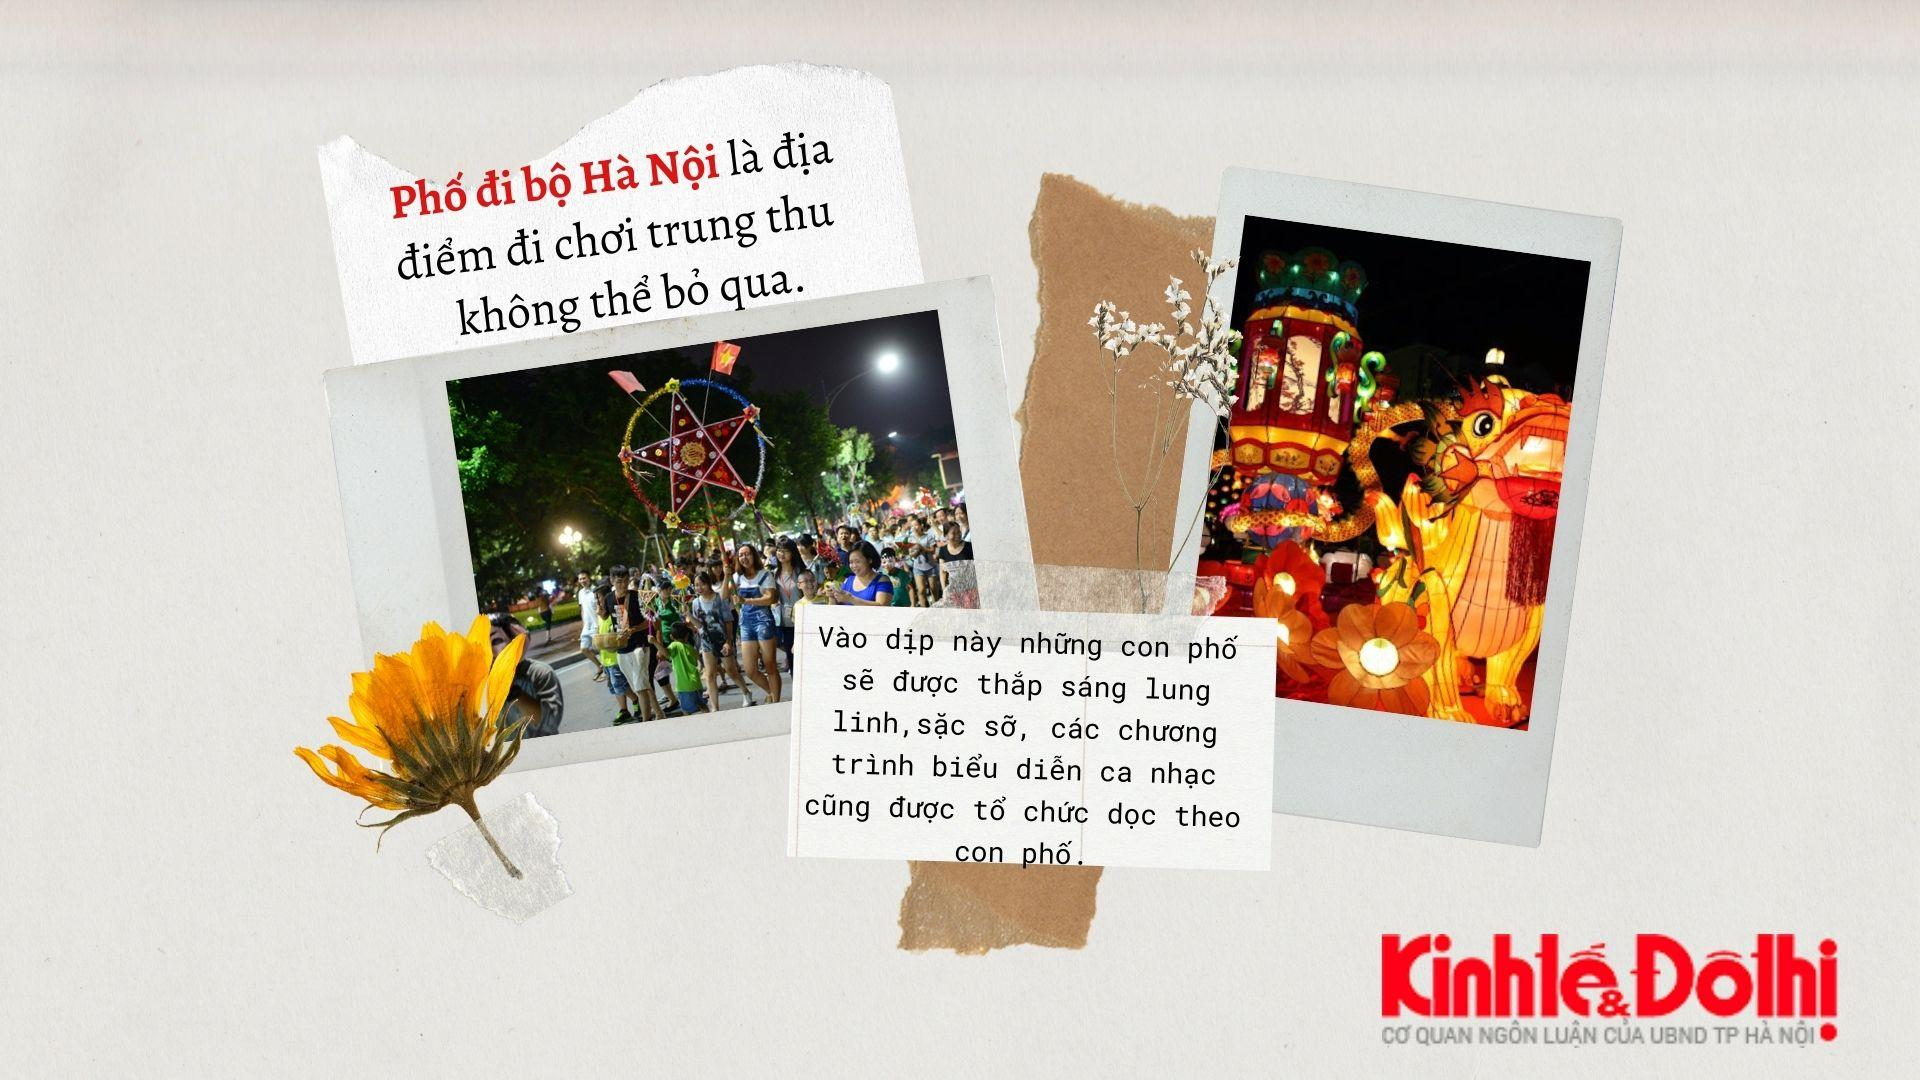 Những địa điểm đi chơi Trung thu thú vị nhất ở Hà Nội Ảnh 3